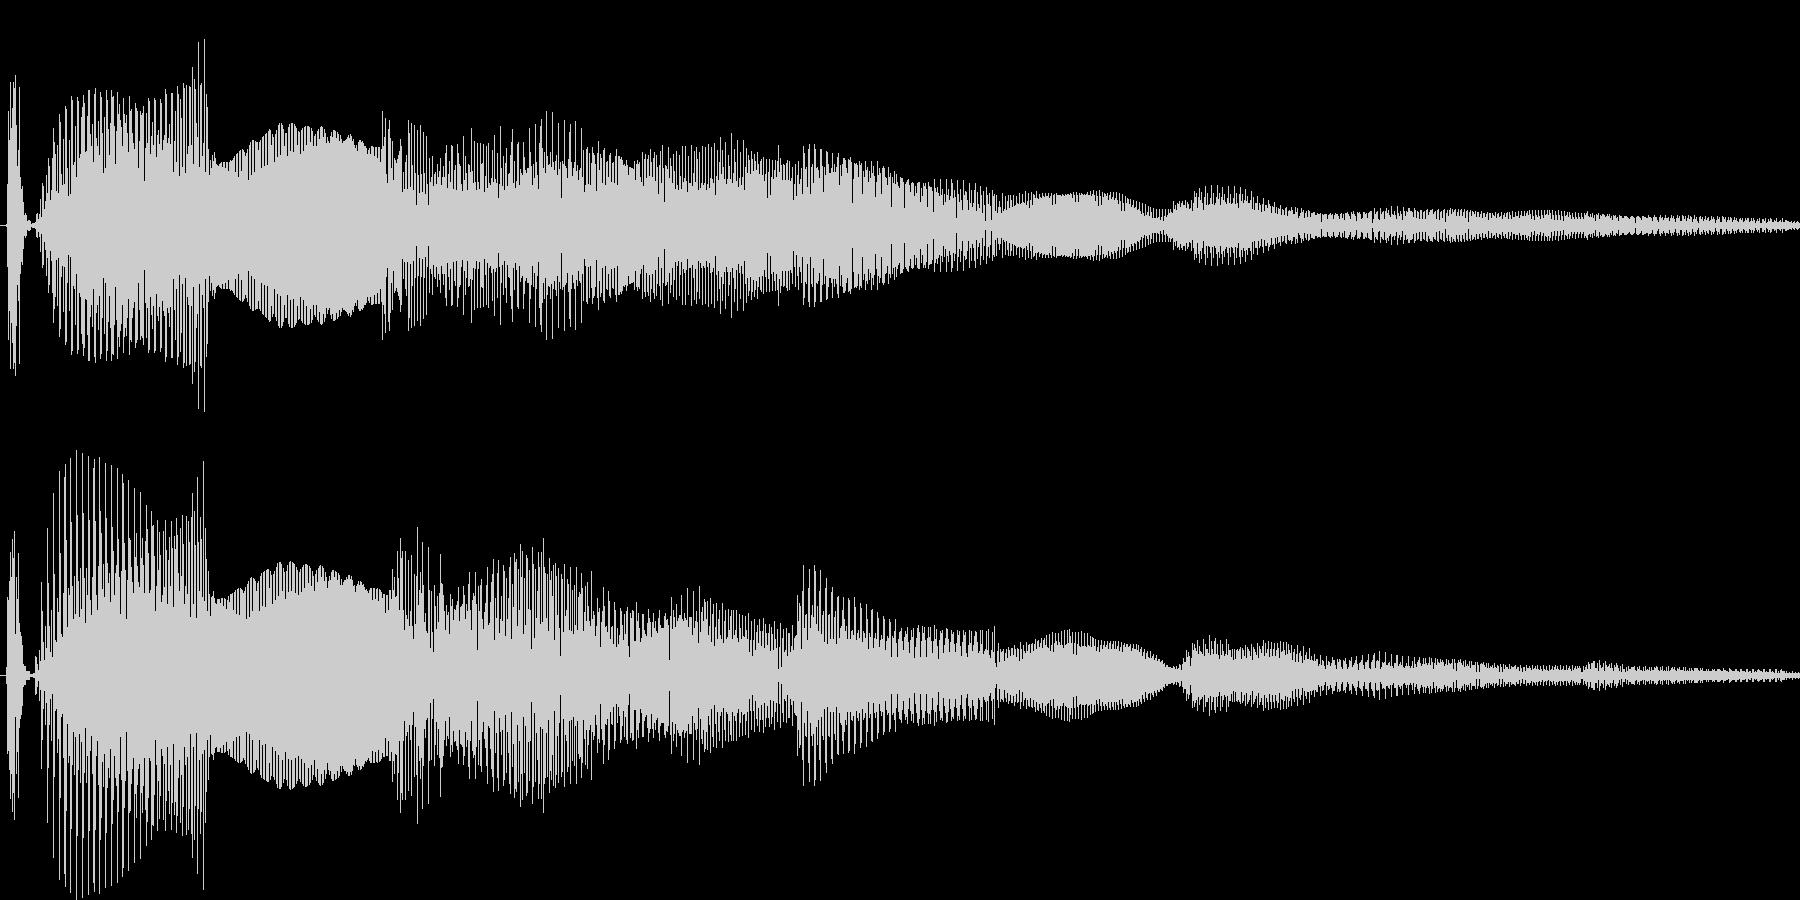 汎用キャンセルボタン - 2の未再生の波形